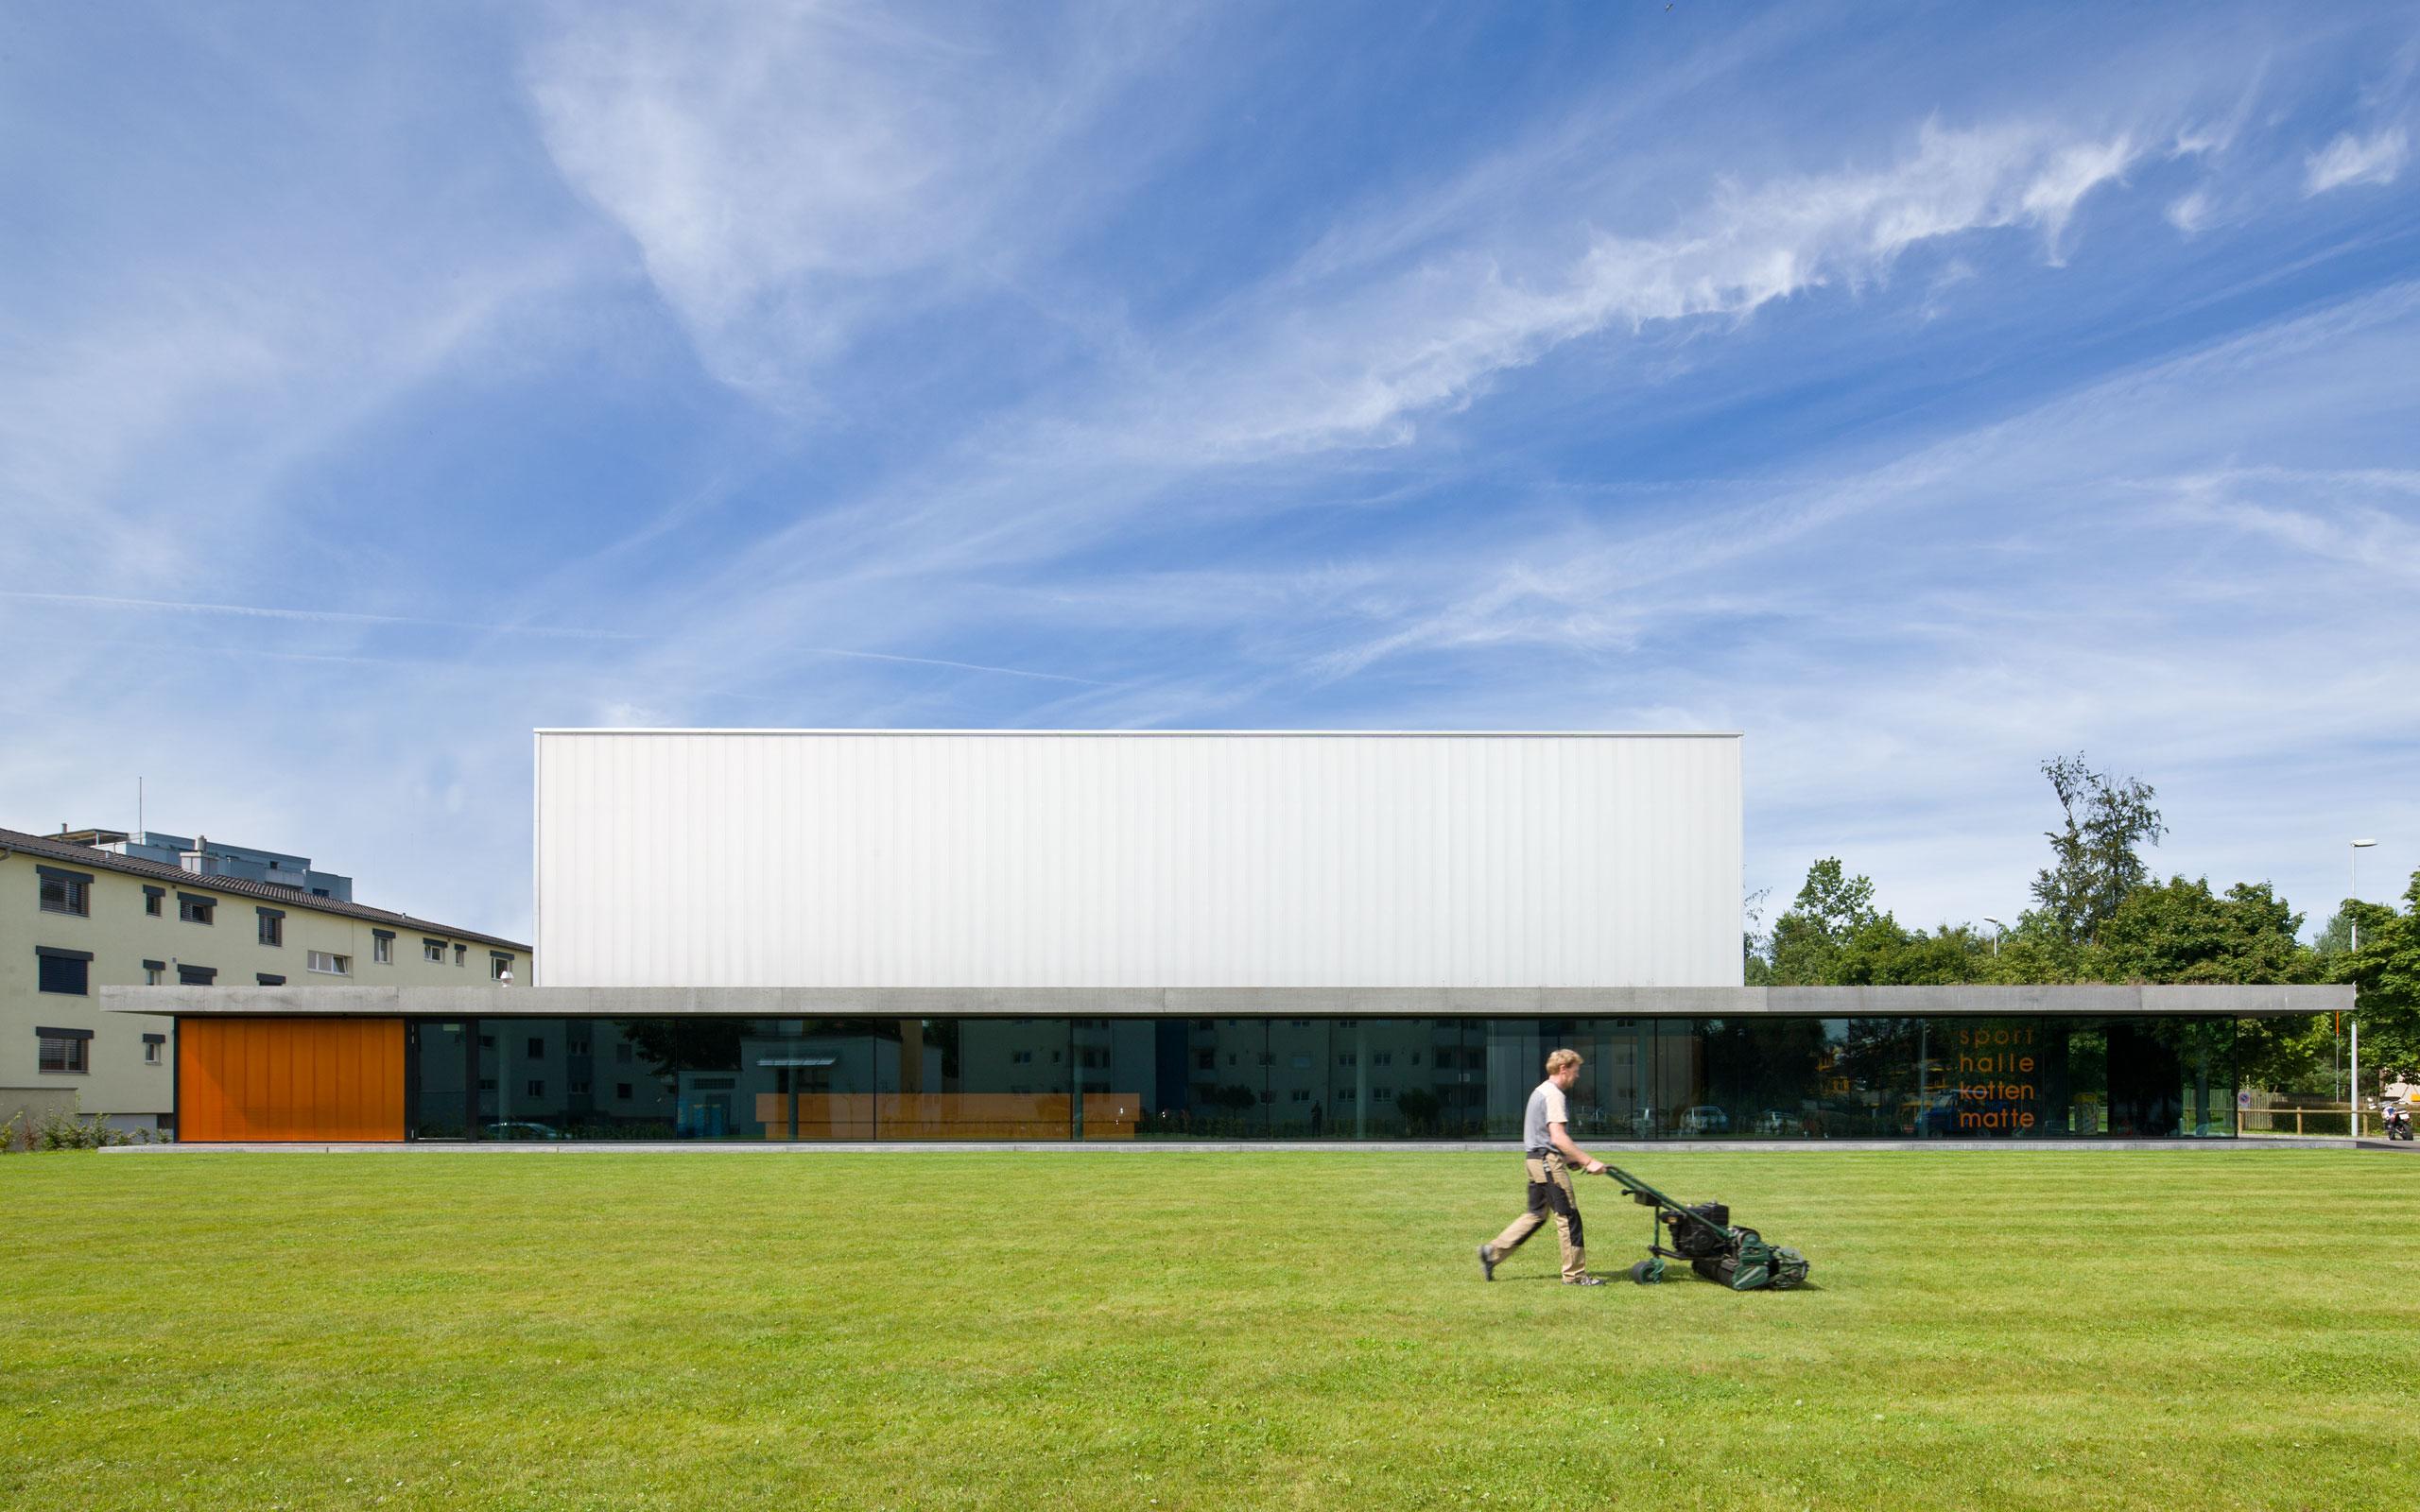 Architektur: Müller Verdan, Zürich, Kottenmatte Sursee